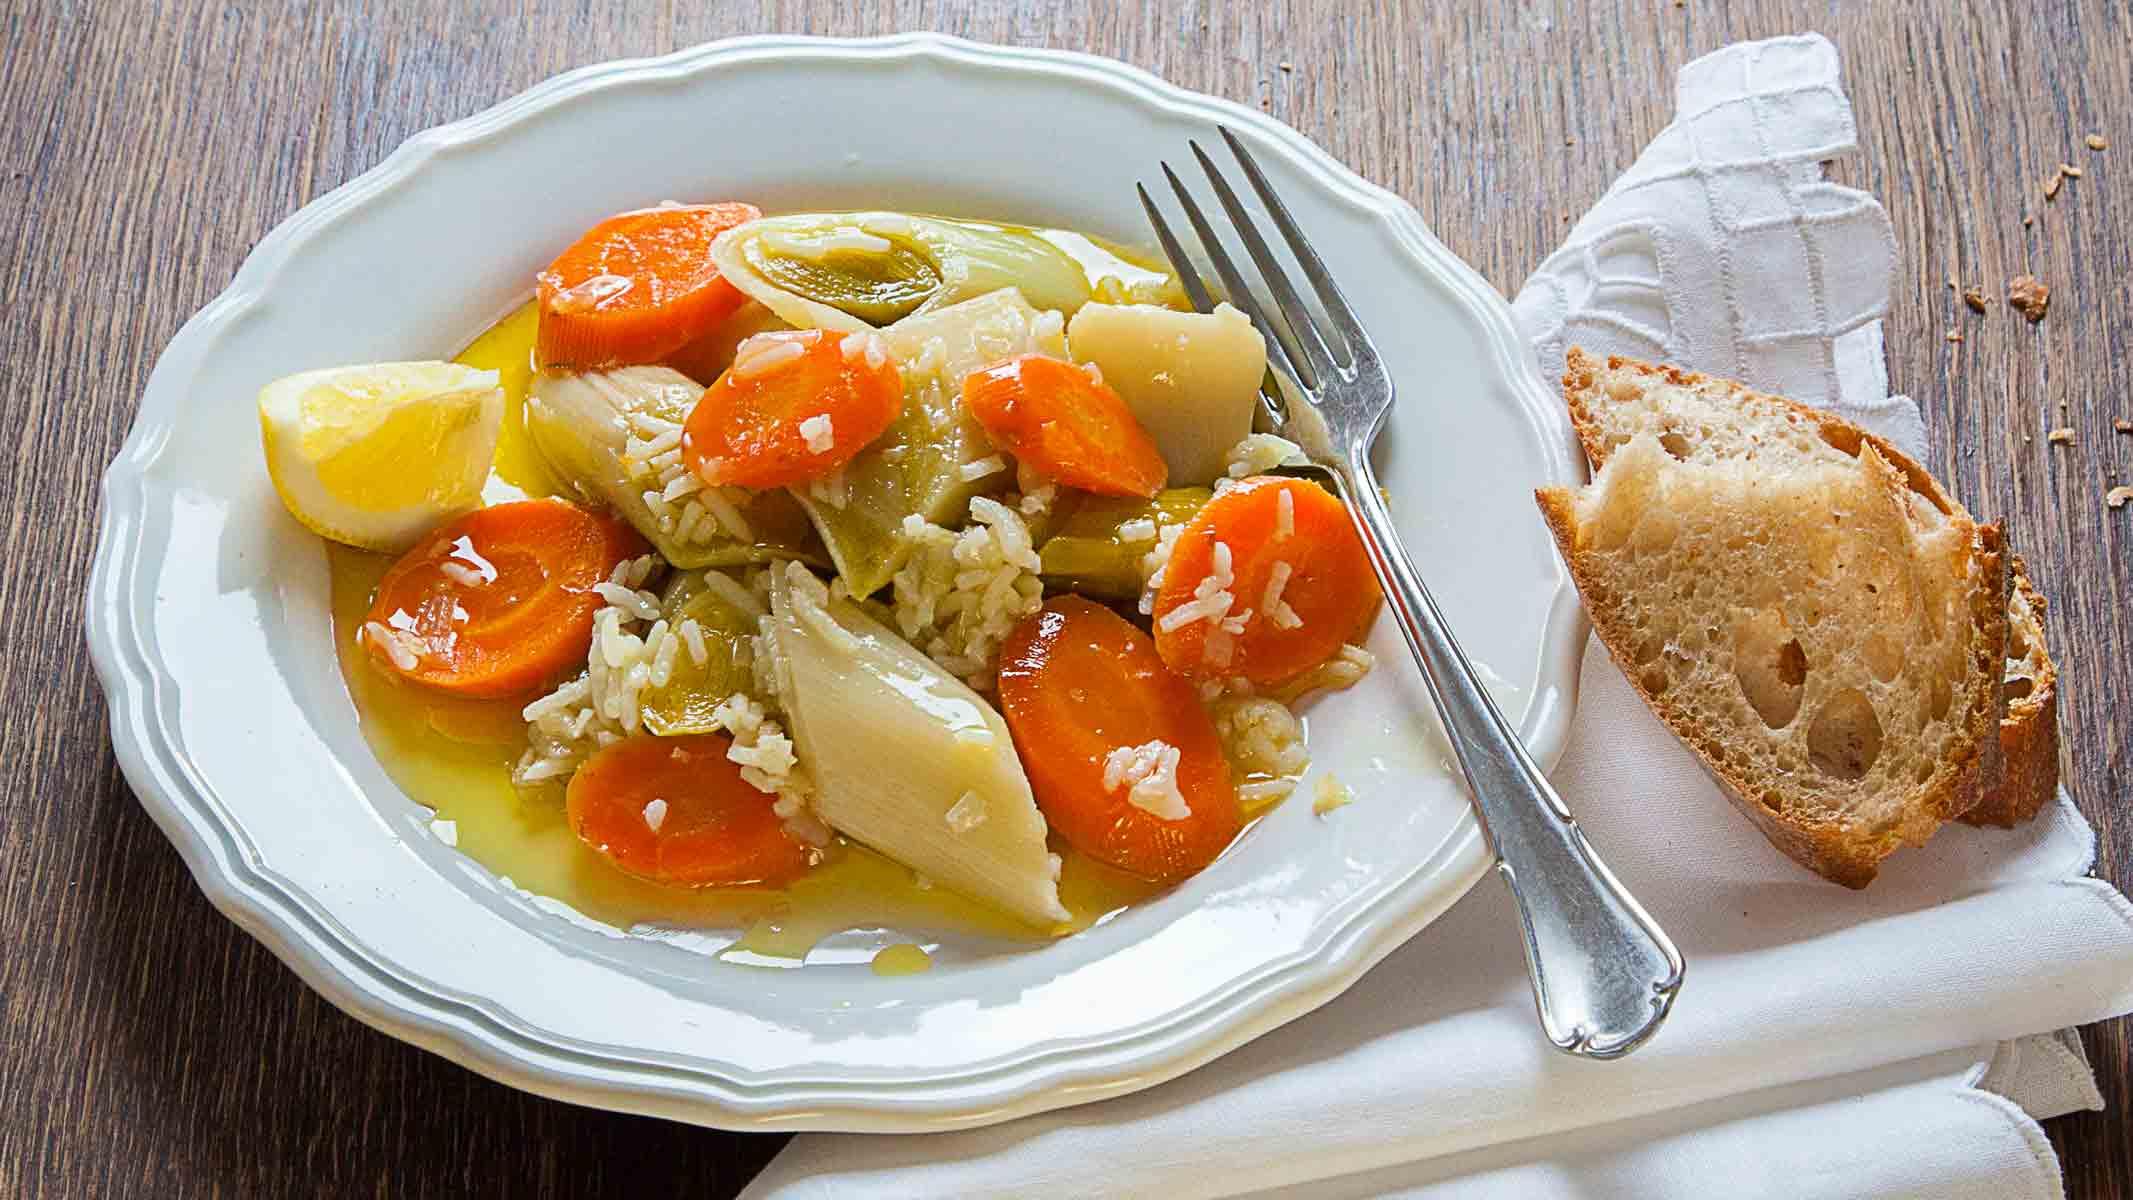 Lauchgemüse in Olivenöl ~ Zeytinyağlı pırasa, Gemüsegerichte, Vegan, Gesund, lecker, Kategorie Zeytinyağlı Yemekler, Türkische Küche, türkisches Essen, Vegetarisch